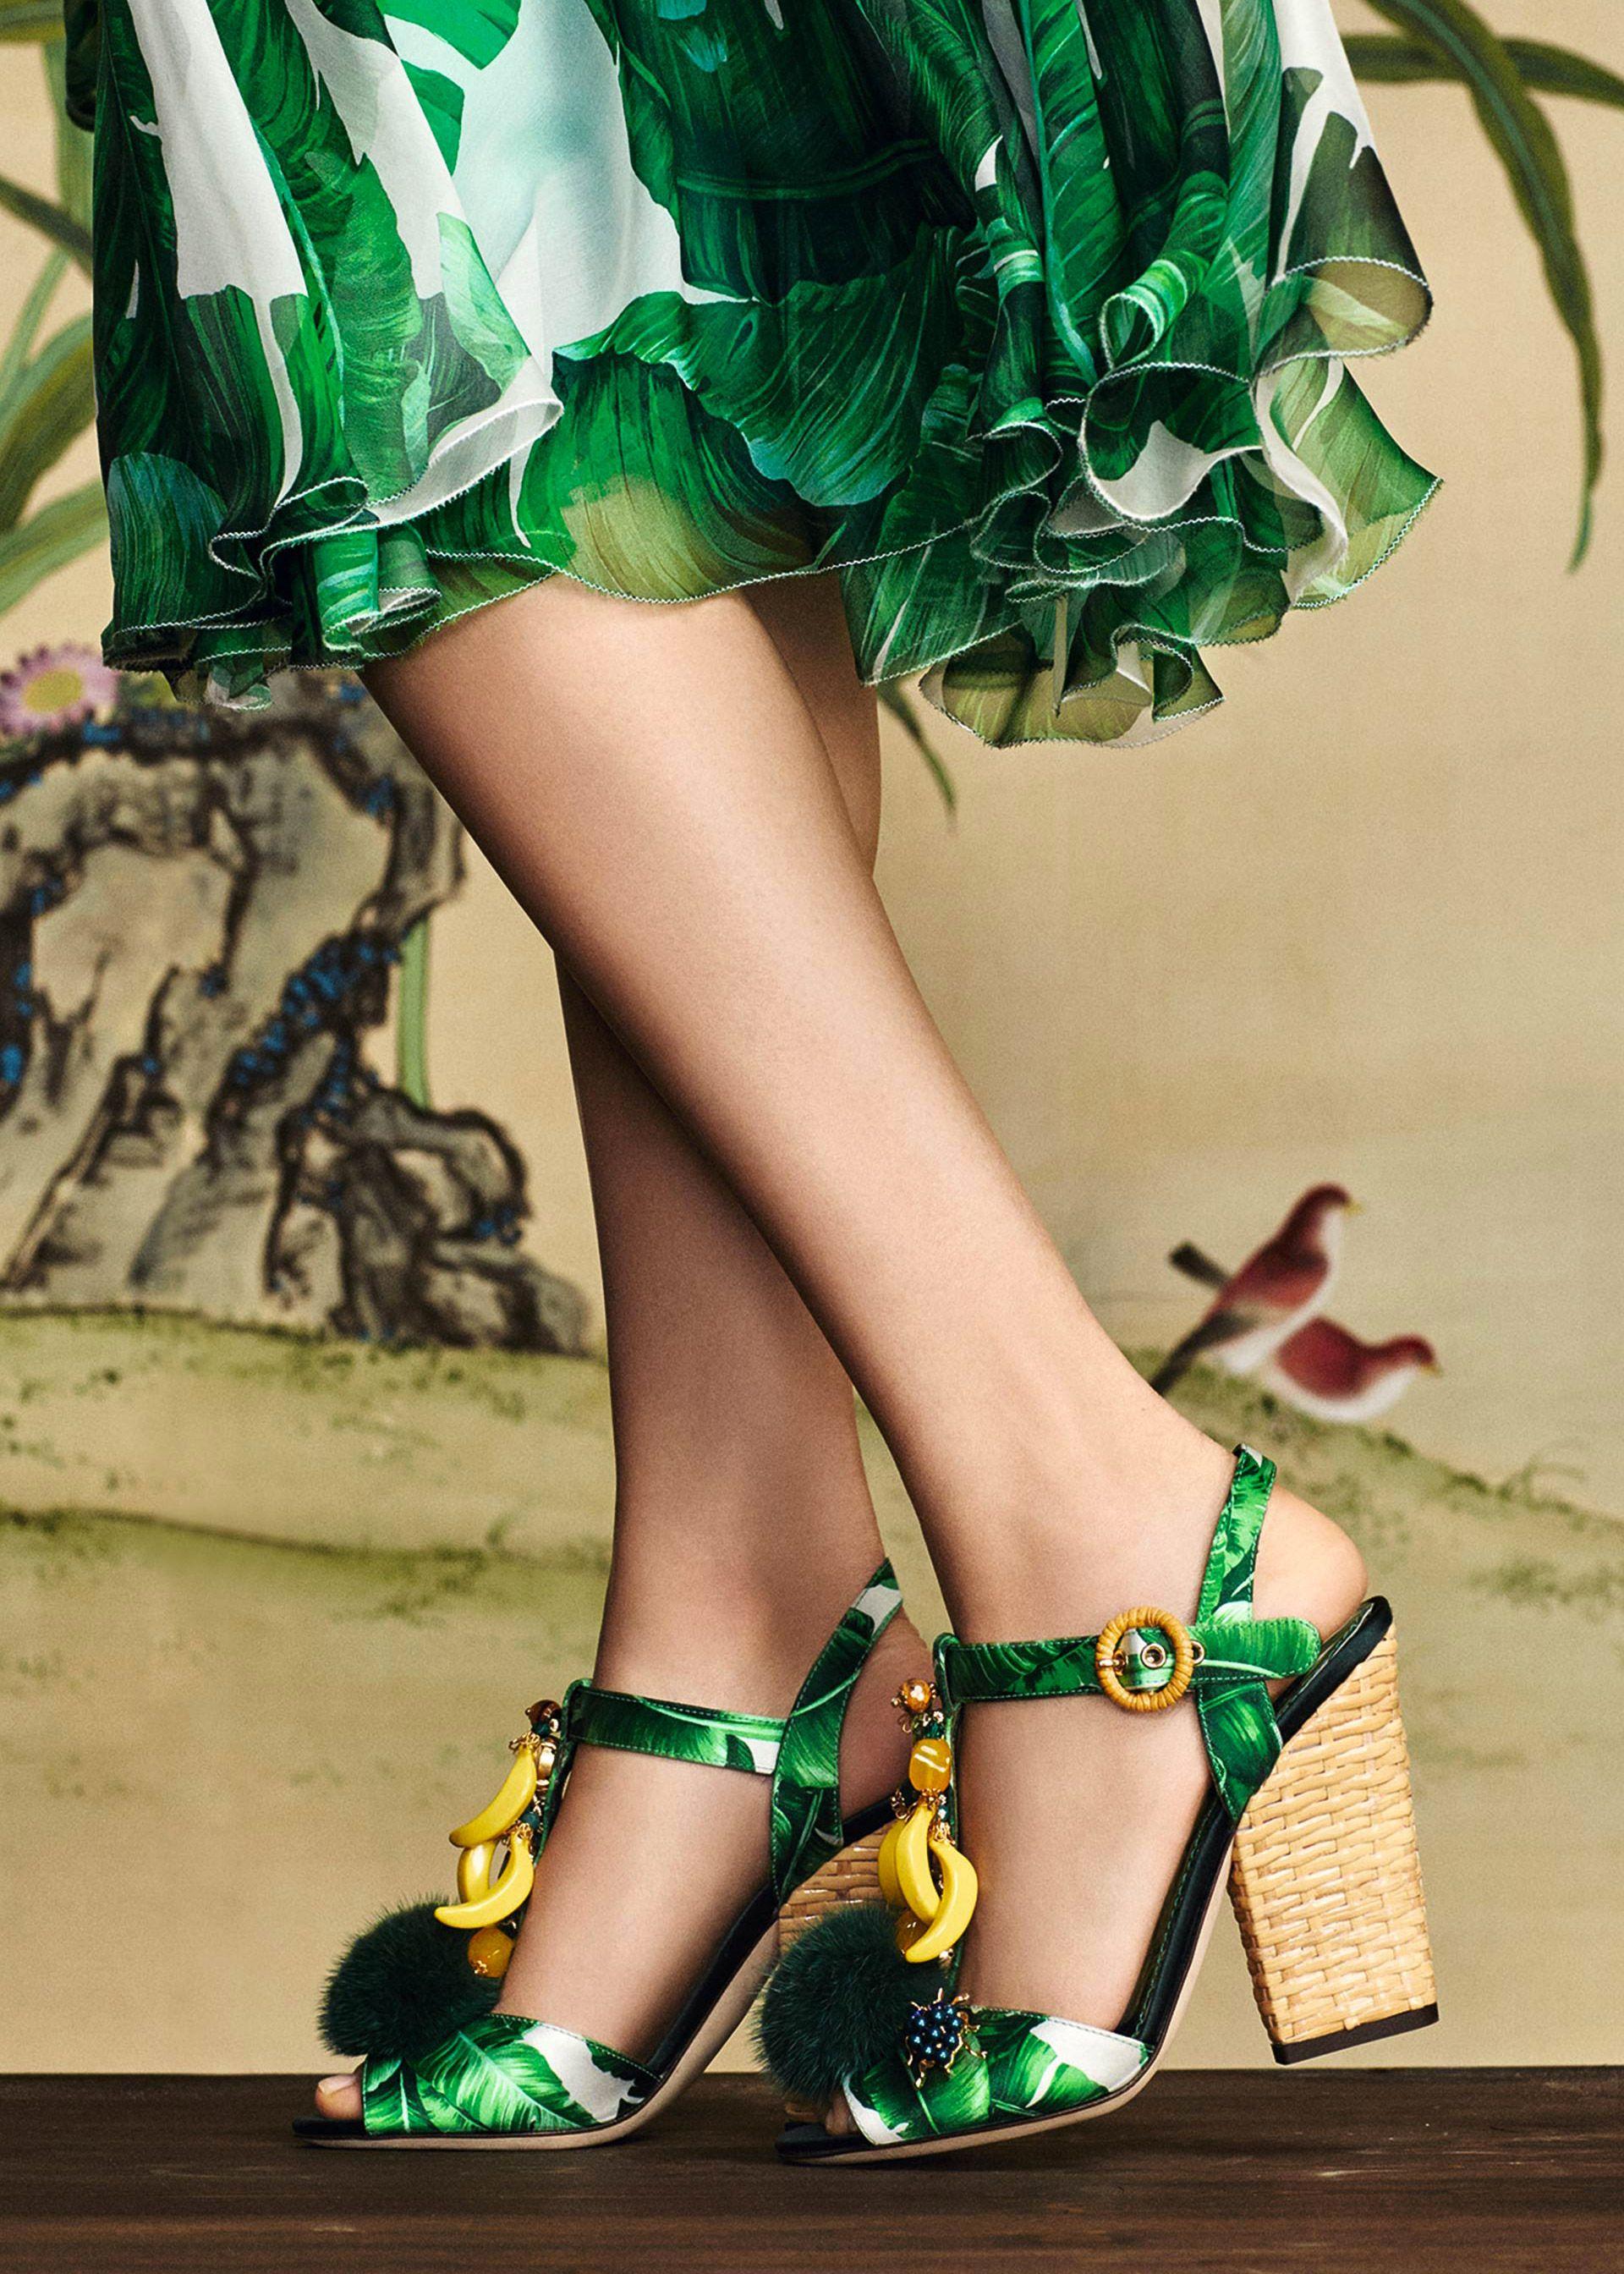 1d84b820c0 Dolce & Gabbana shoes: Dolce & Gabbana - Botanical Garden, Fall ...